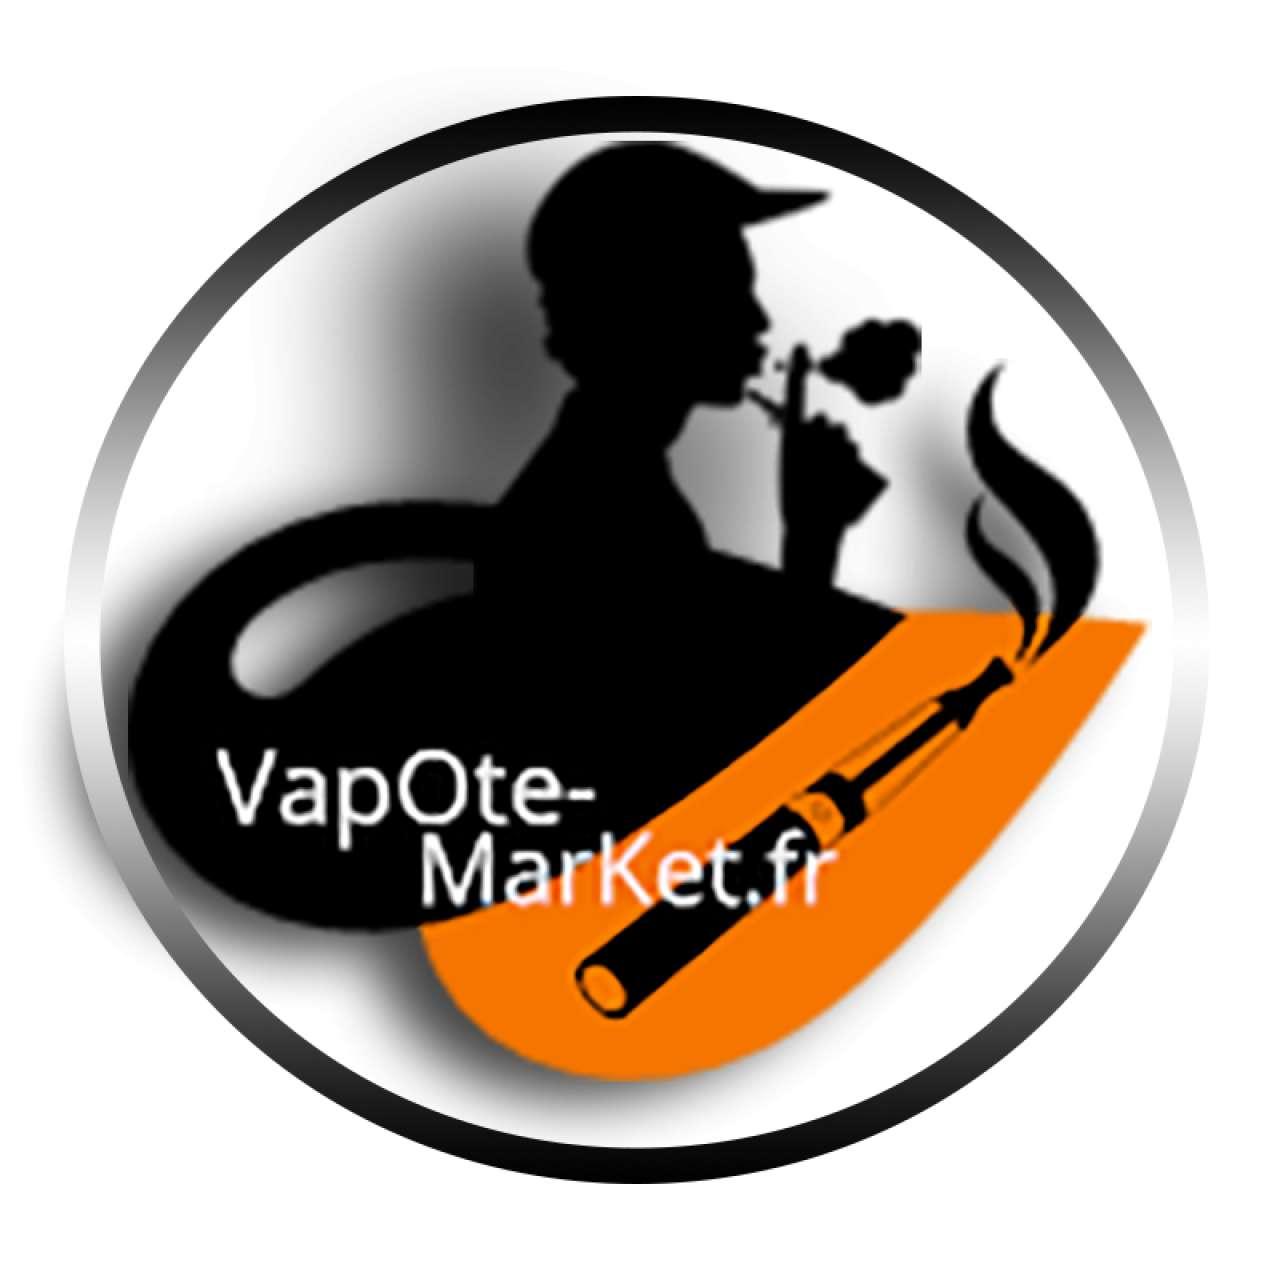 Boutique de vape spécialisée Vapote Market située à ROUFFIGNAC-SAINT-CERNIN-DE-REILHAC